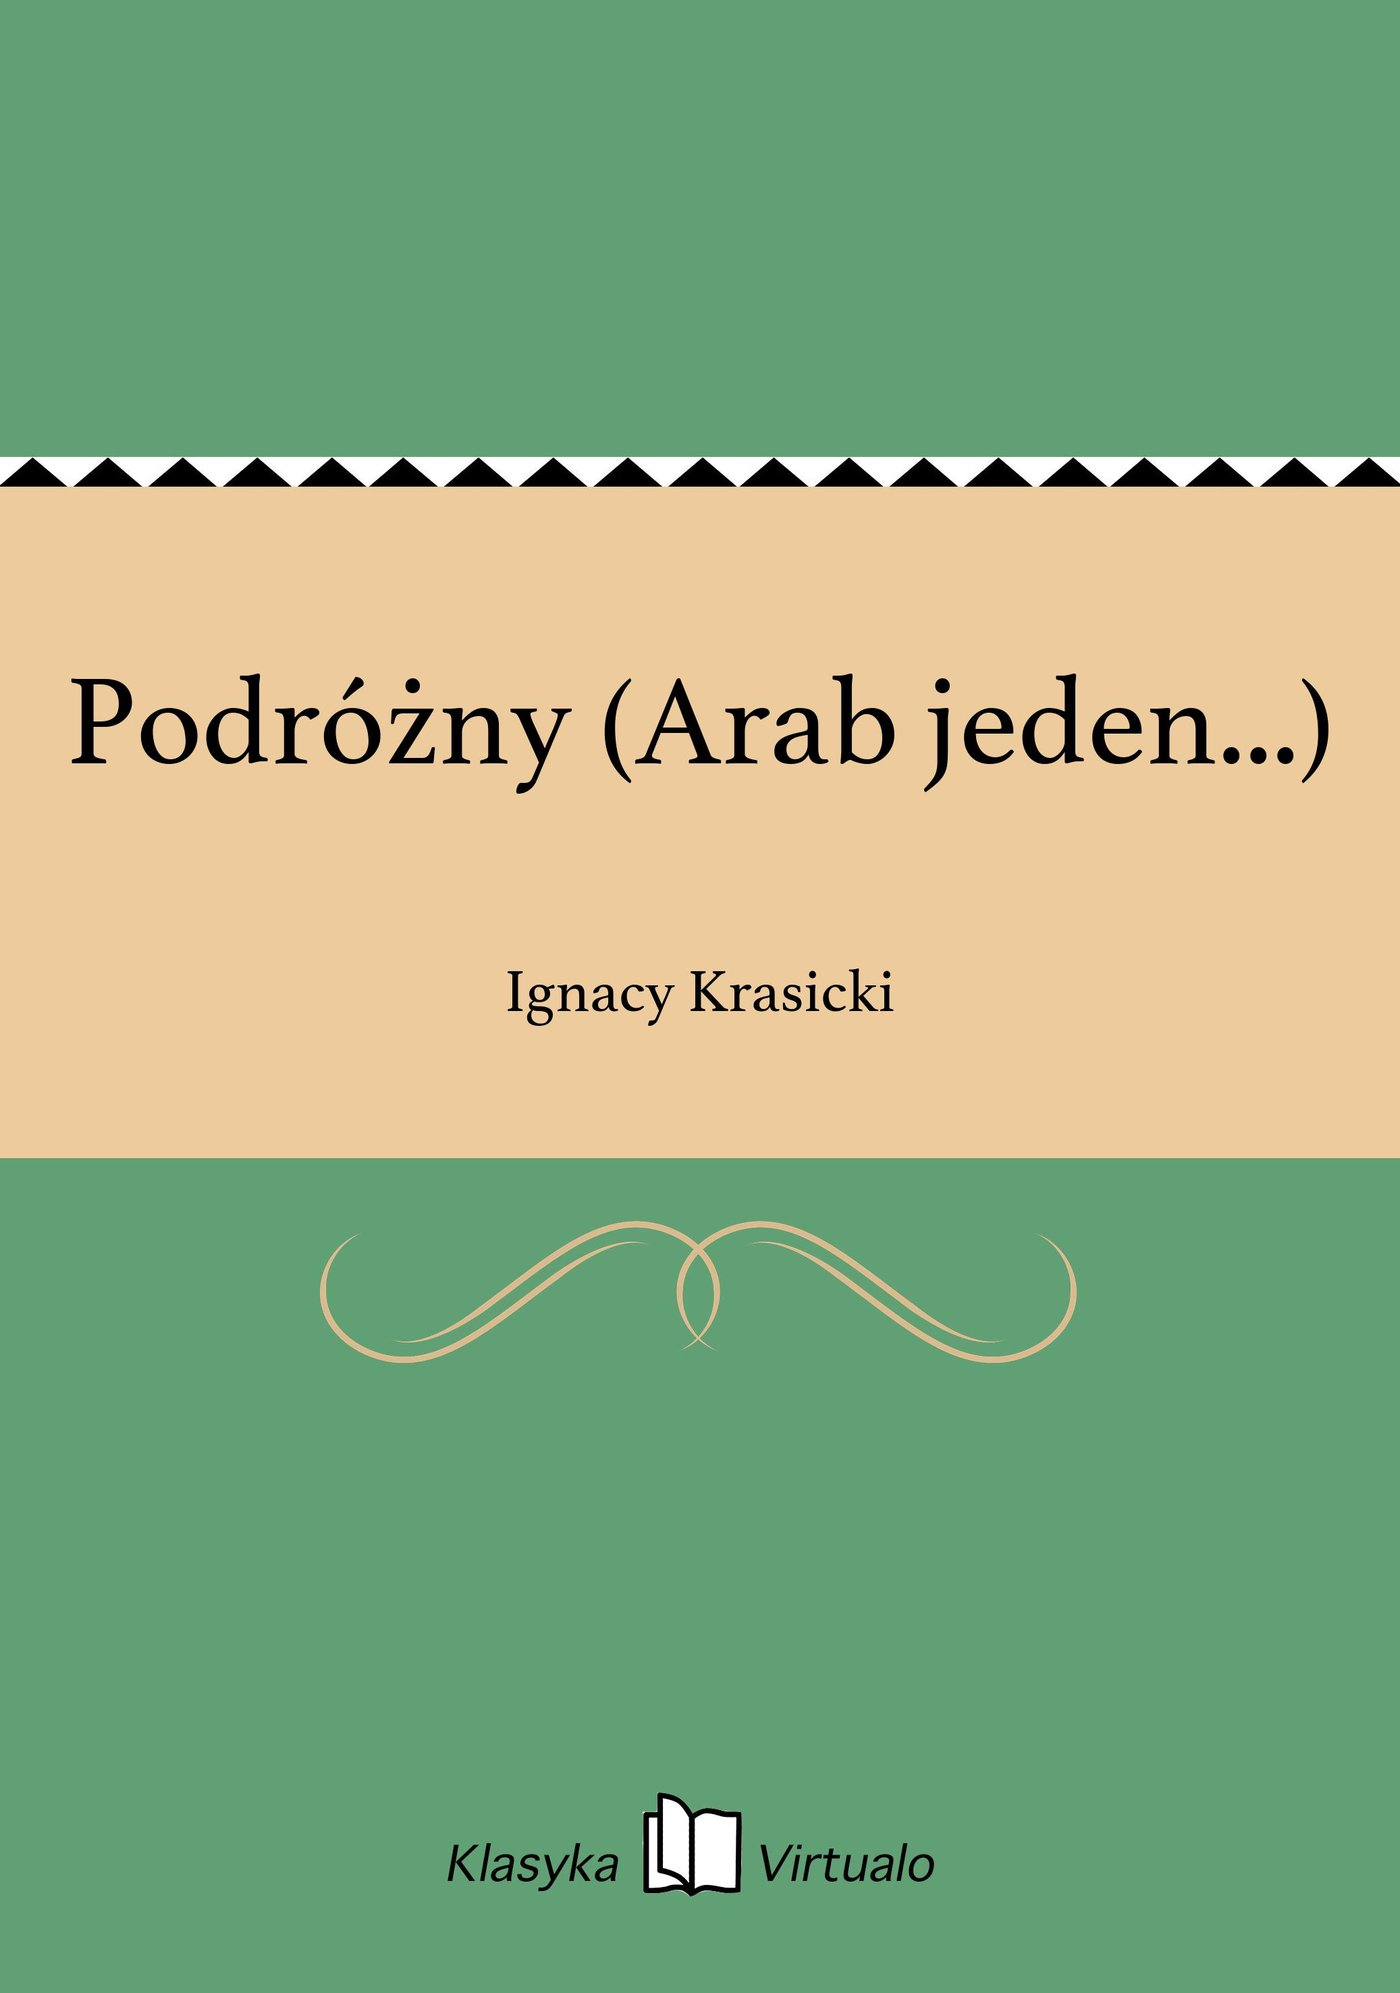 Podróżny (Arab jeden...) - Ebook (Książka na Kindle) do pobrania w formacie MOBI